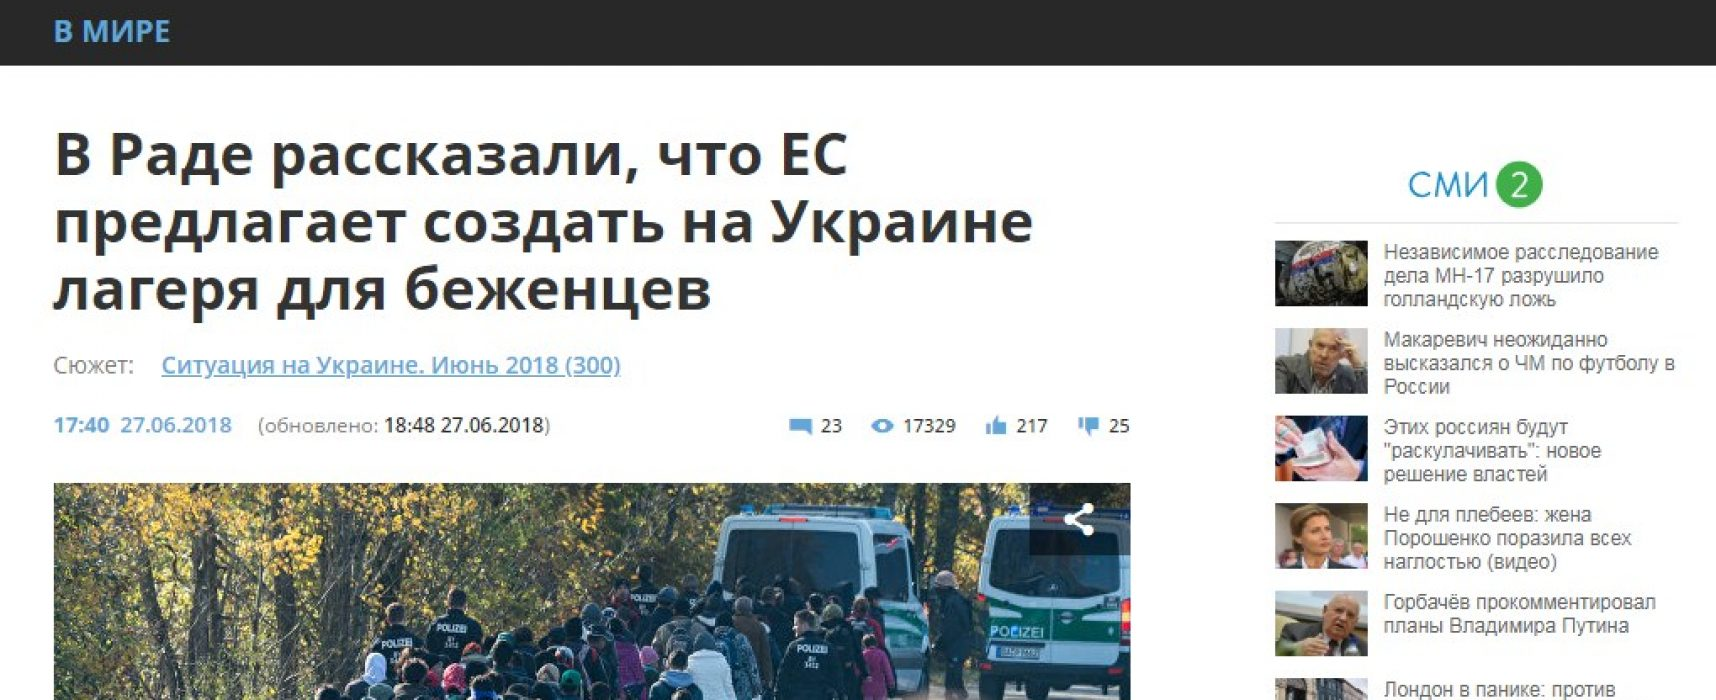 Falso: Ucrania obtendrá la asistencia financiera de Europa por recibir a los inmigrantes